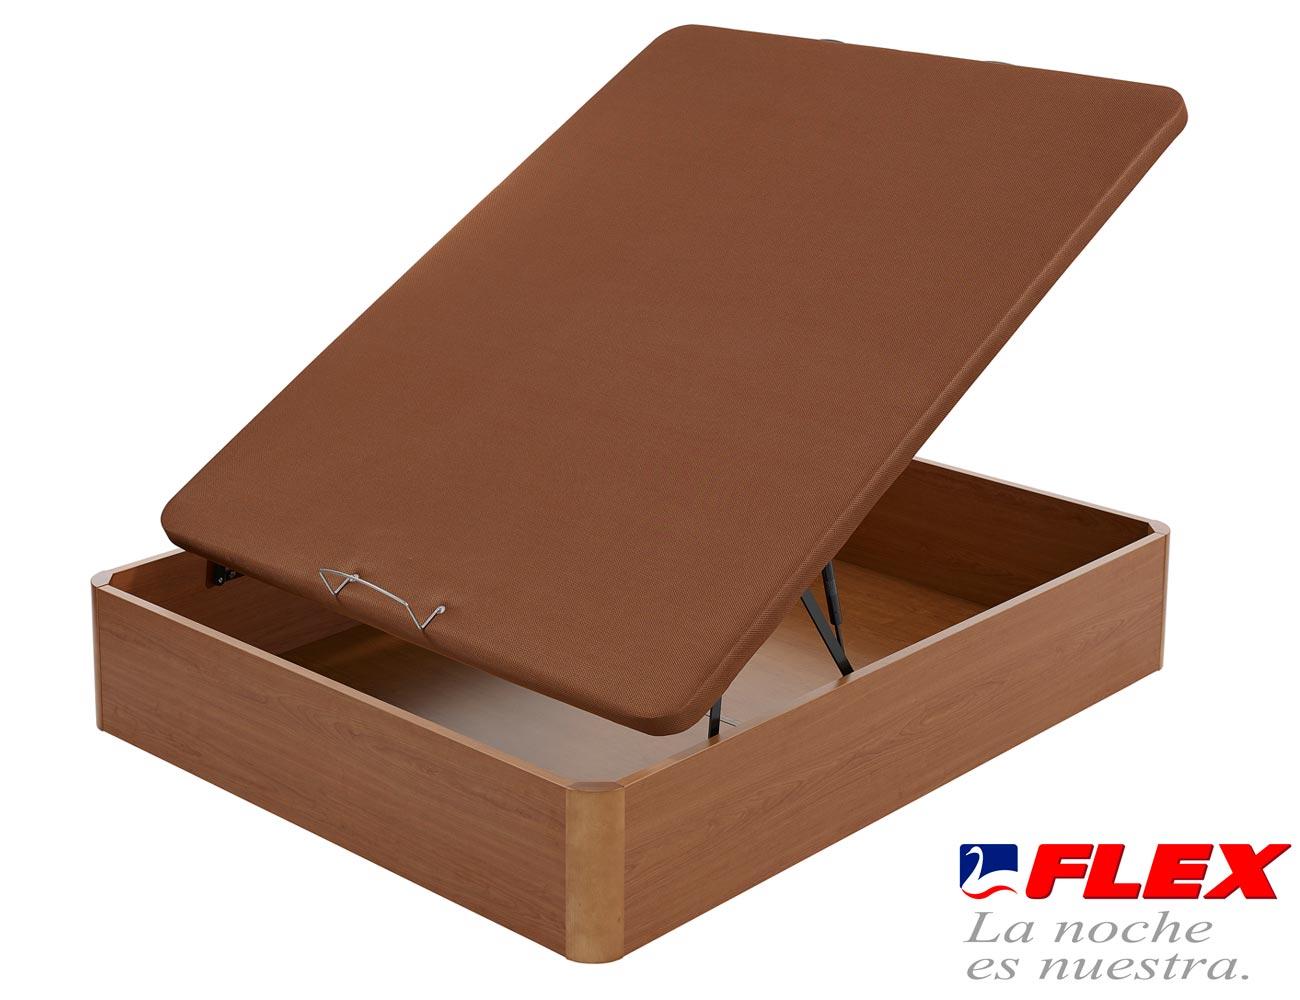 Canape flex madera abatible tapa3d 831